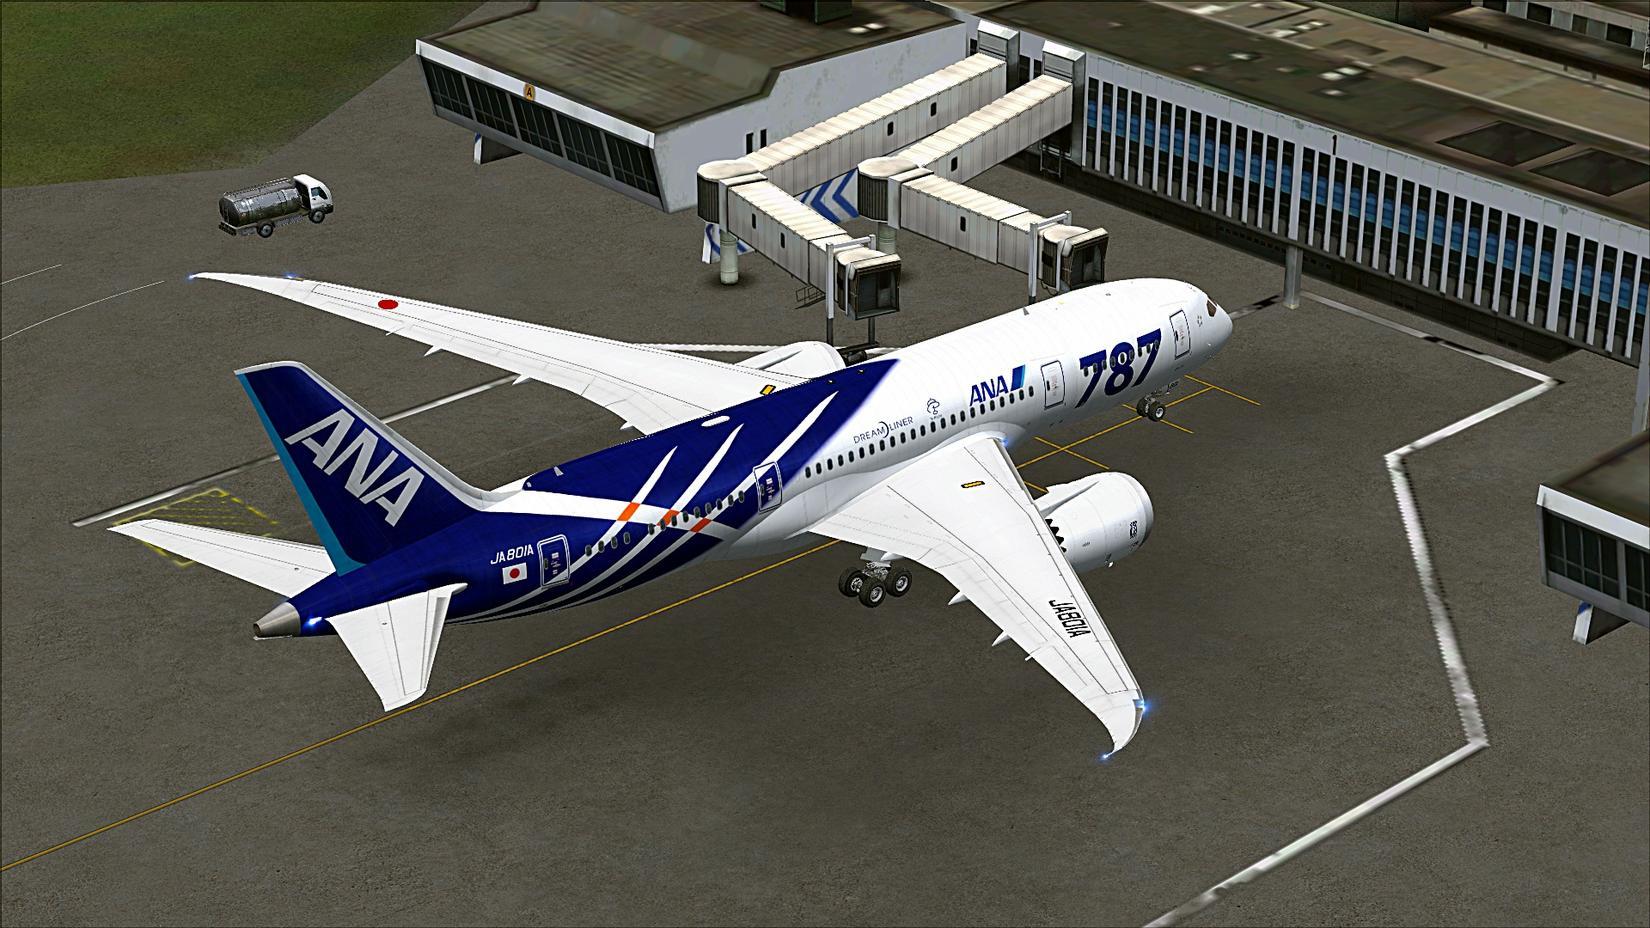 Aerosim 787 for FSX - SimHQ Forums